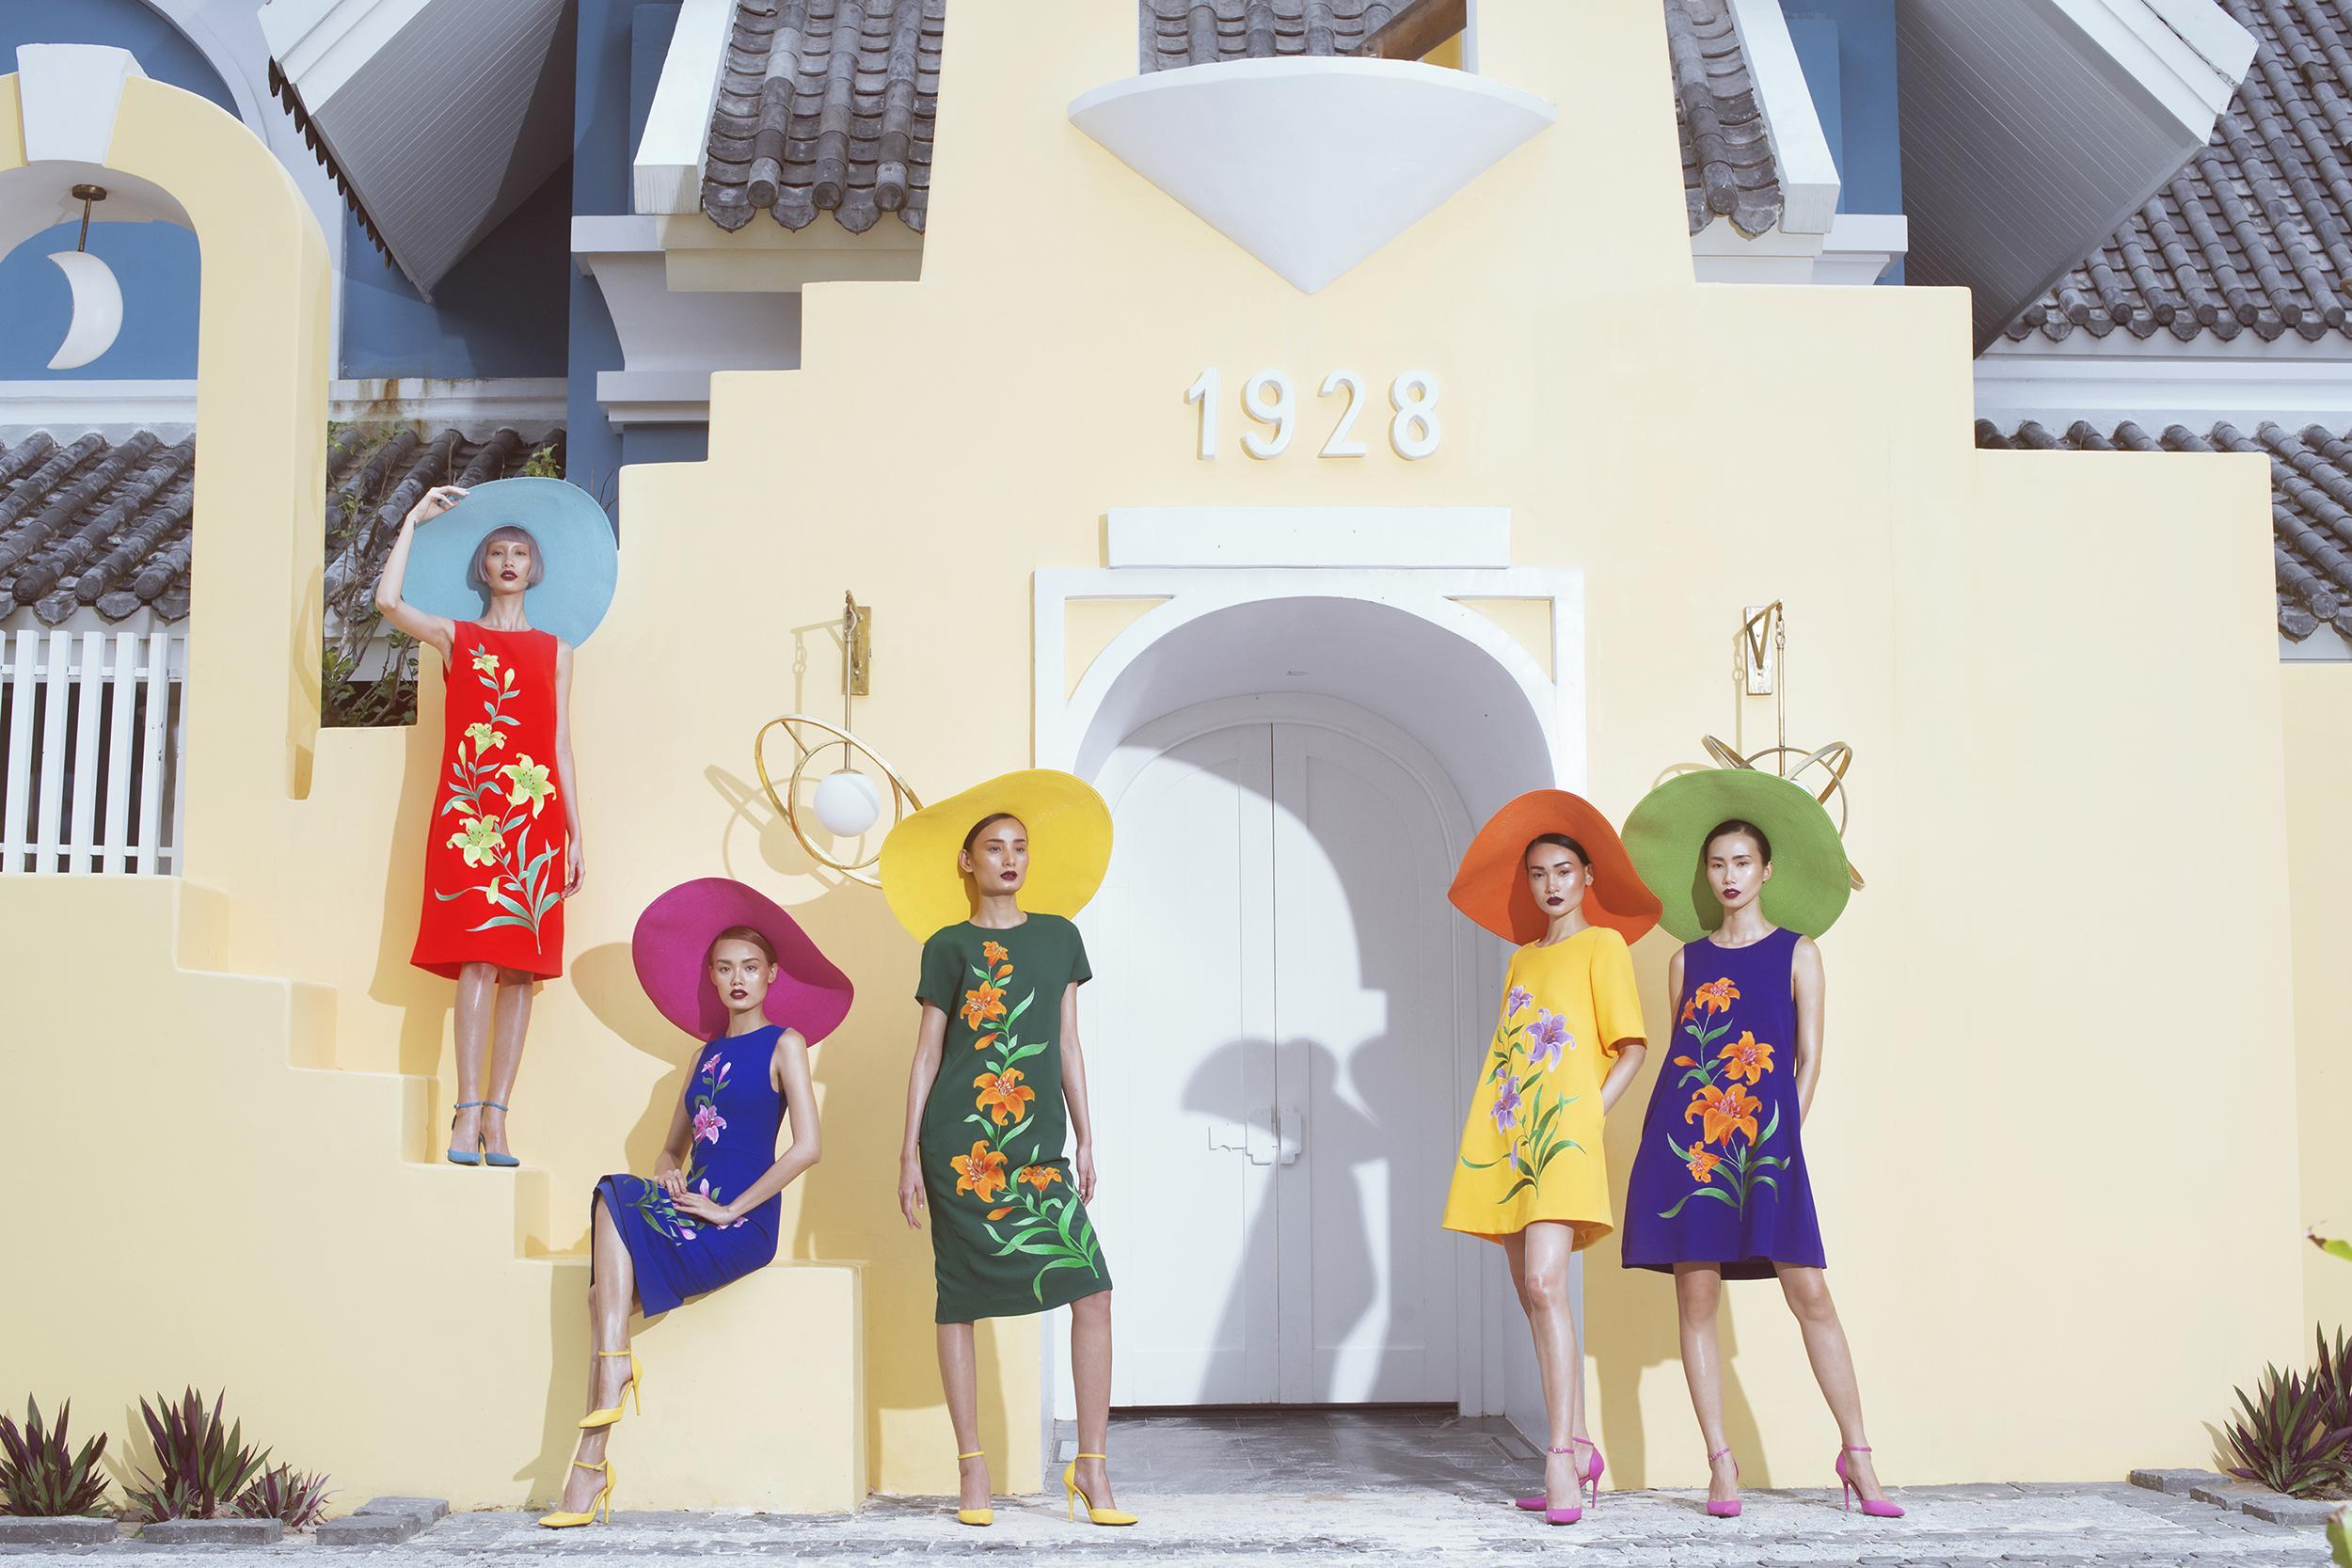 Dàn mẫu cuốn hút với váy áo sắc màu của Đỗ Mạnh Cường-4